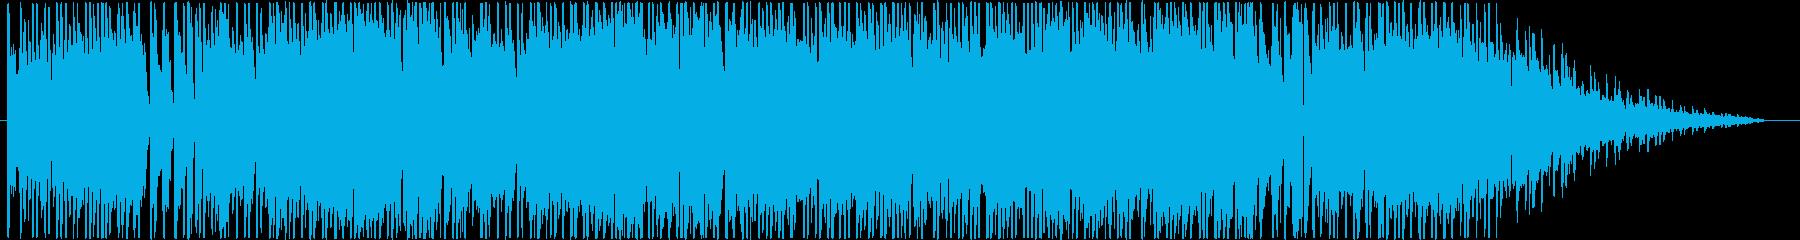 シューティングゲーム風BGMの再生済みの波形